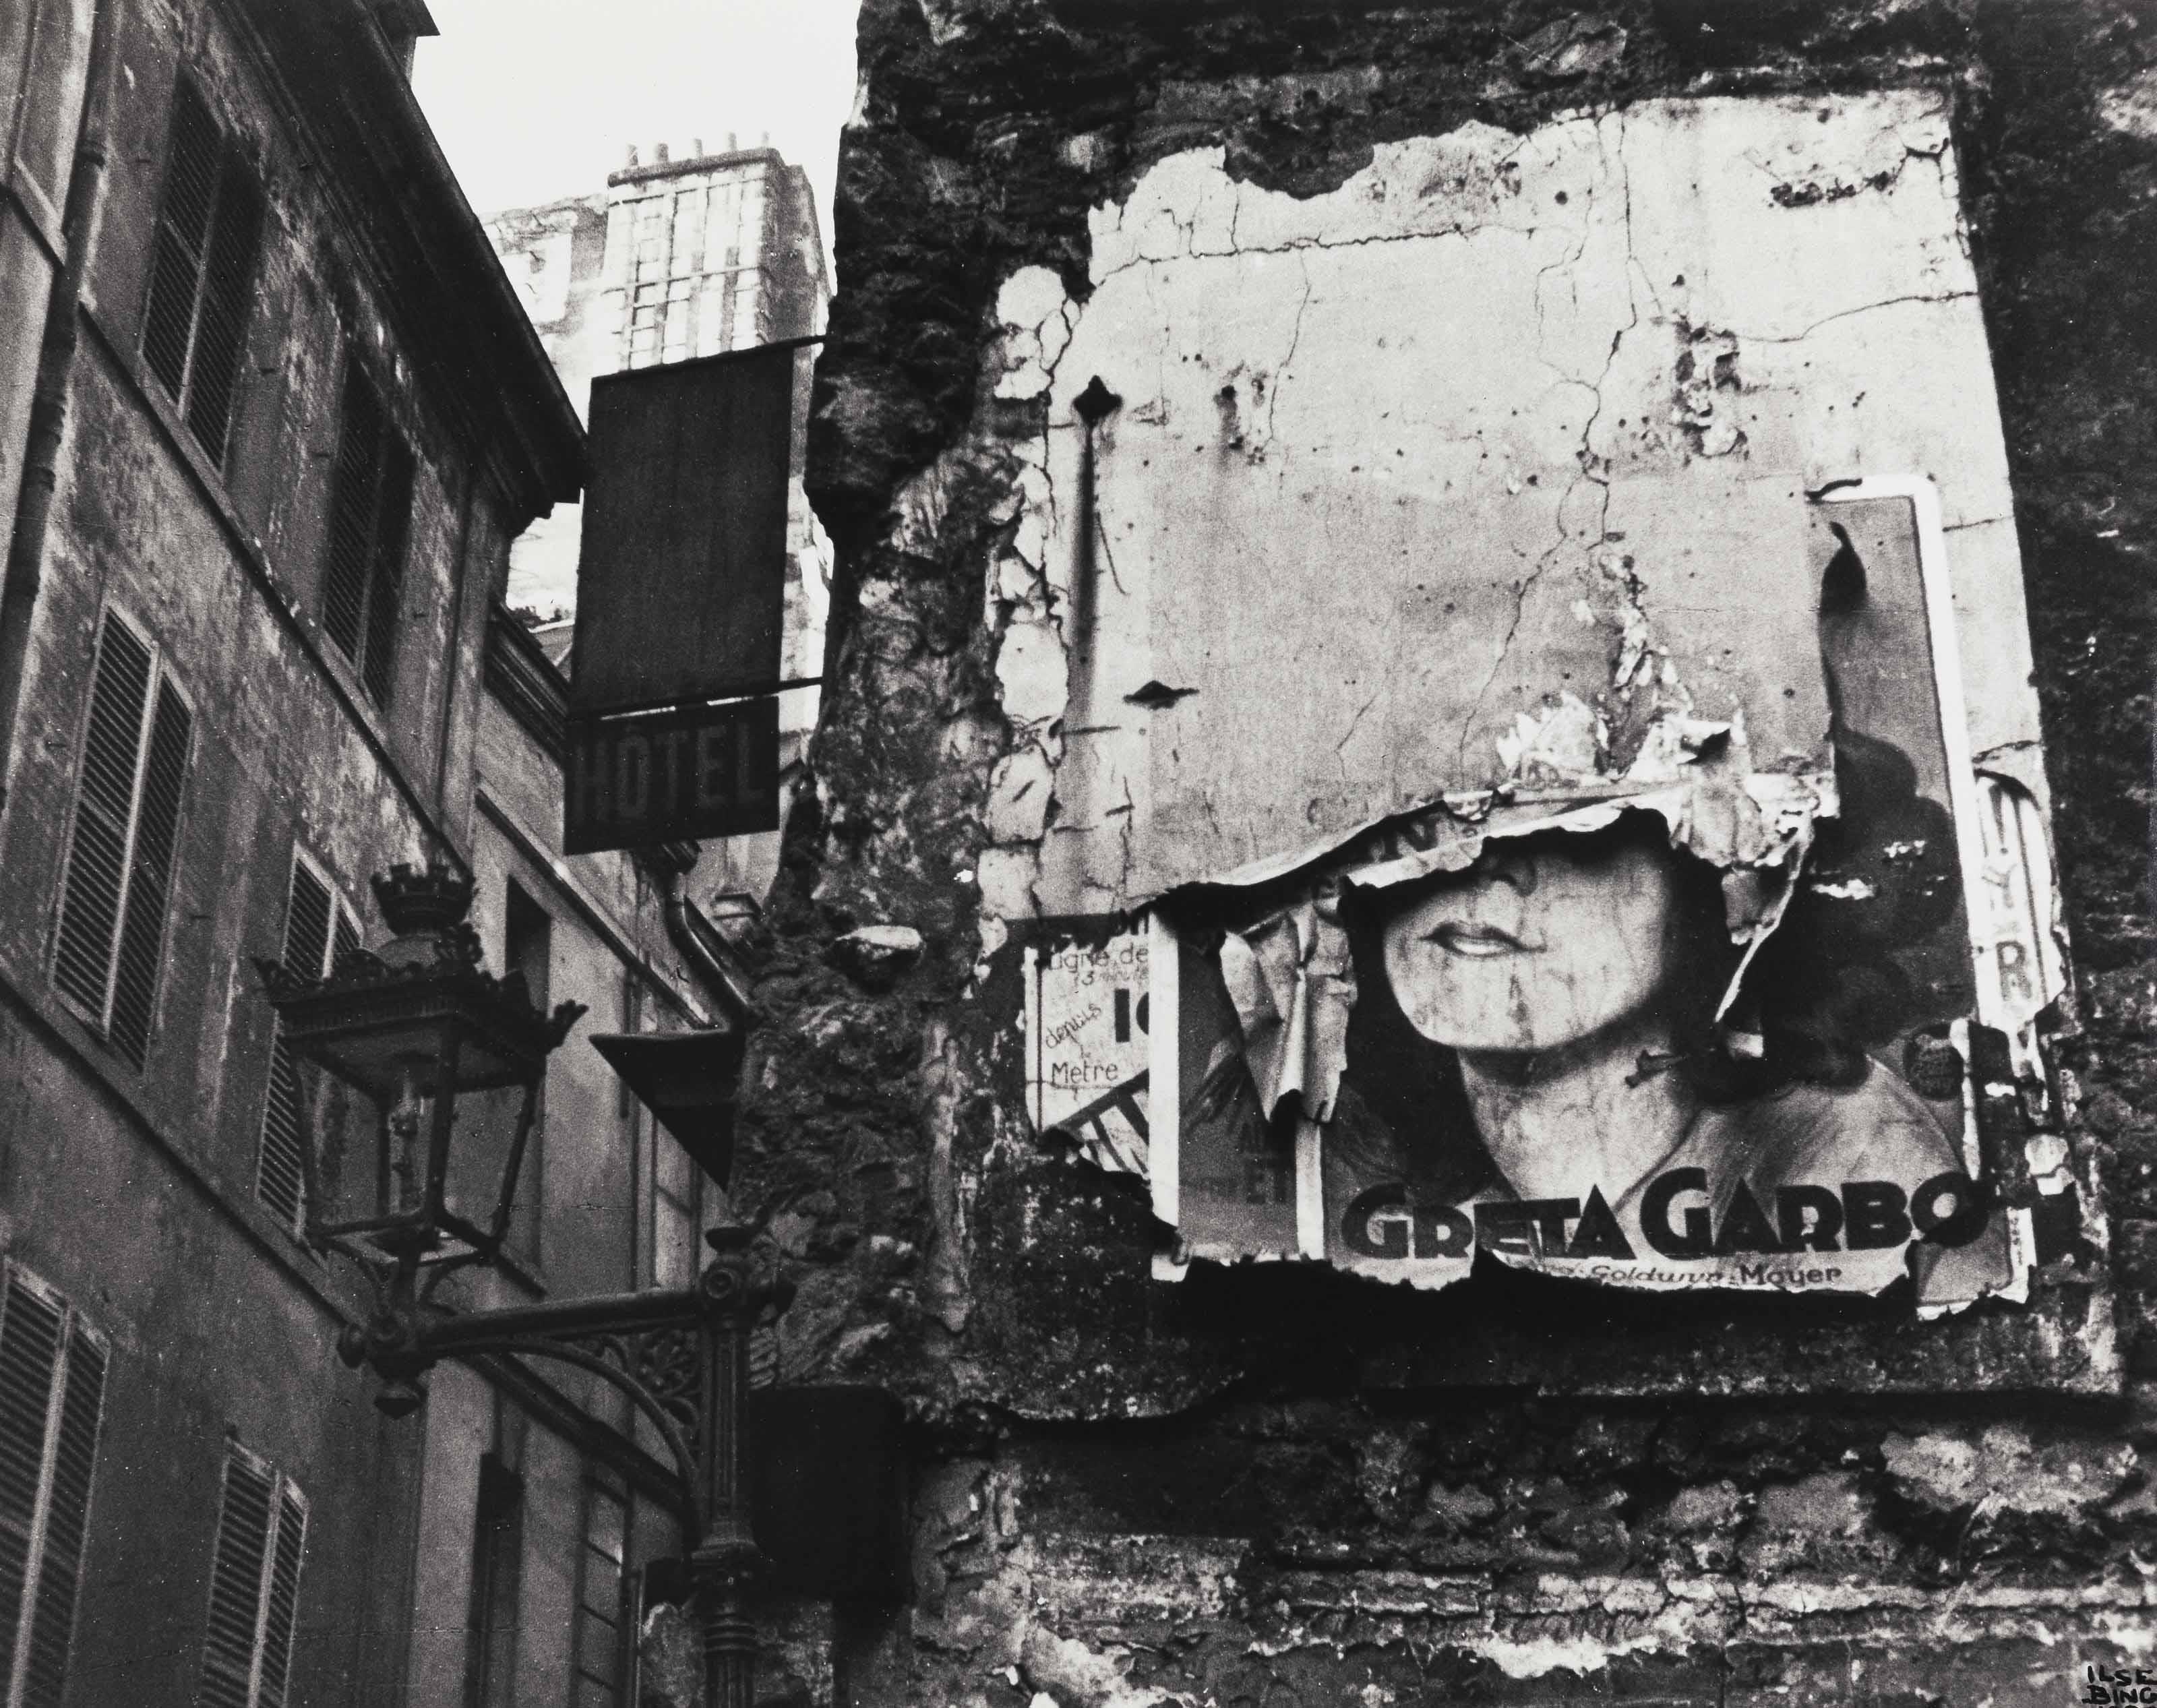 Greta Garbo poster, Paris, 1932